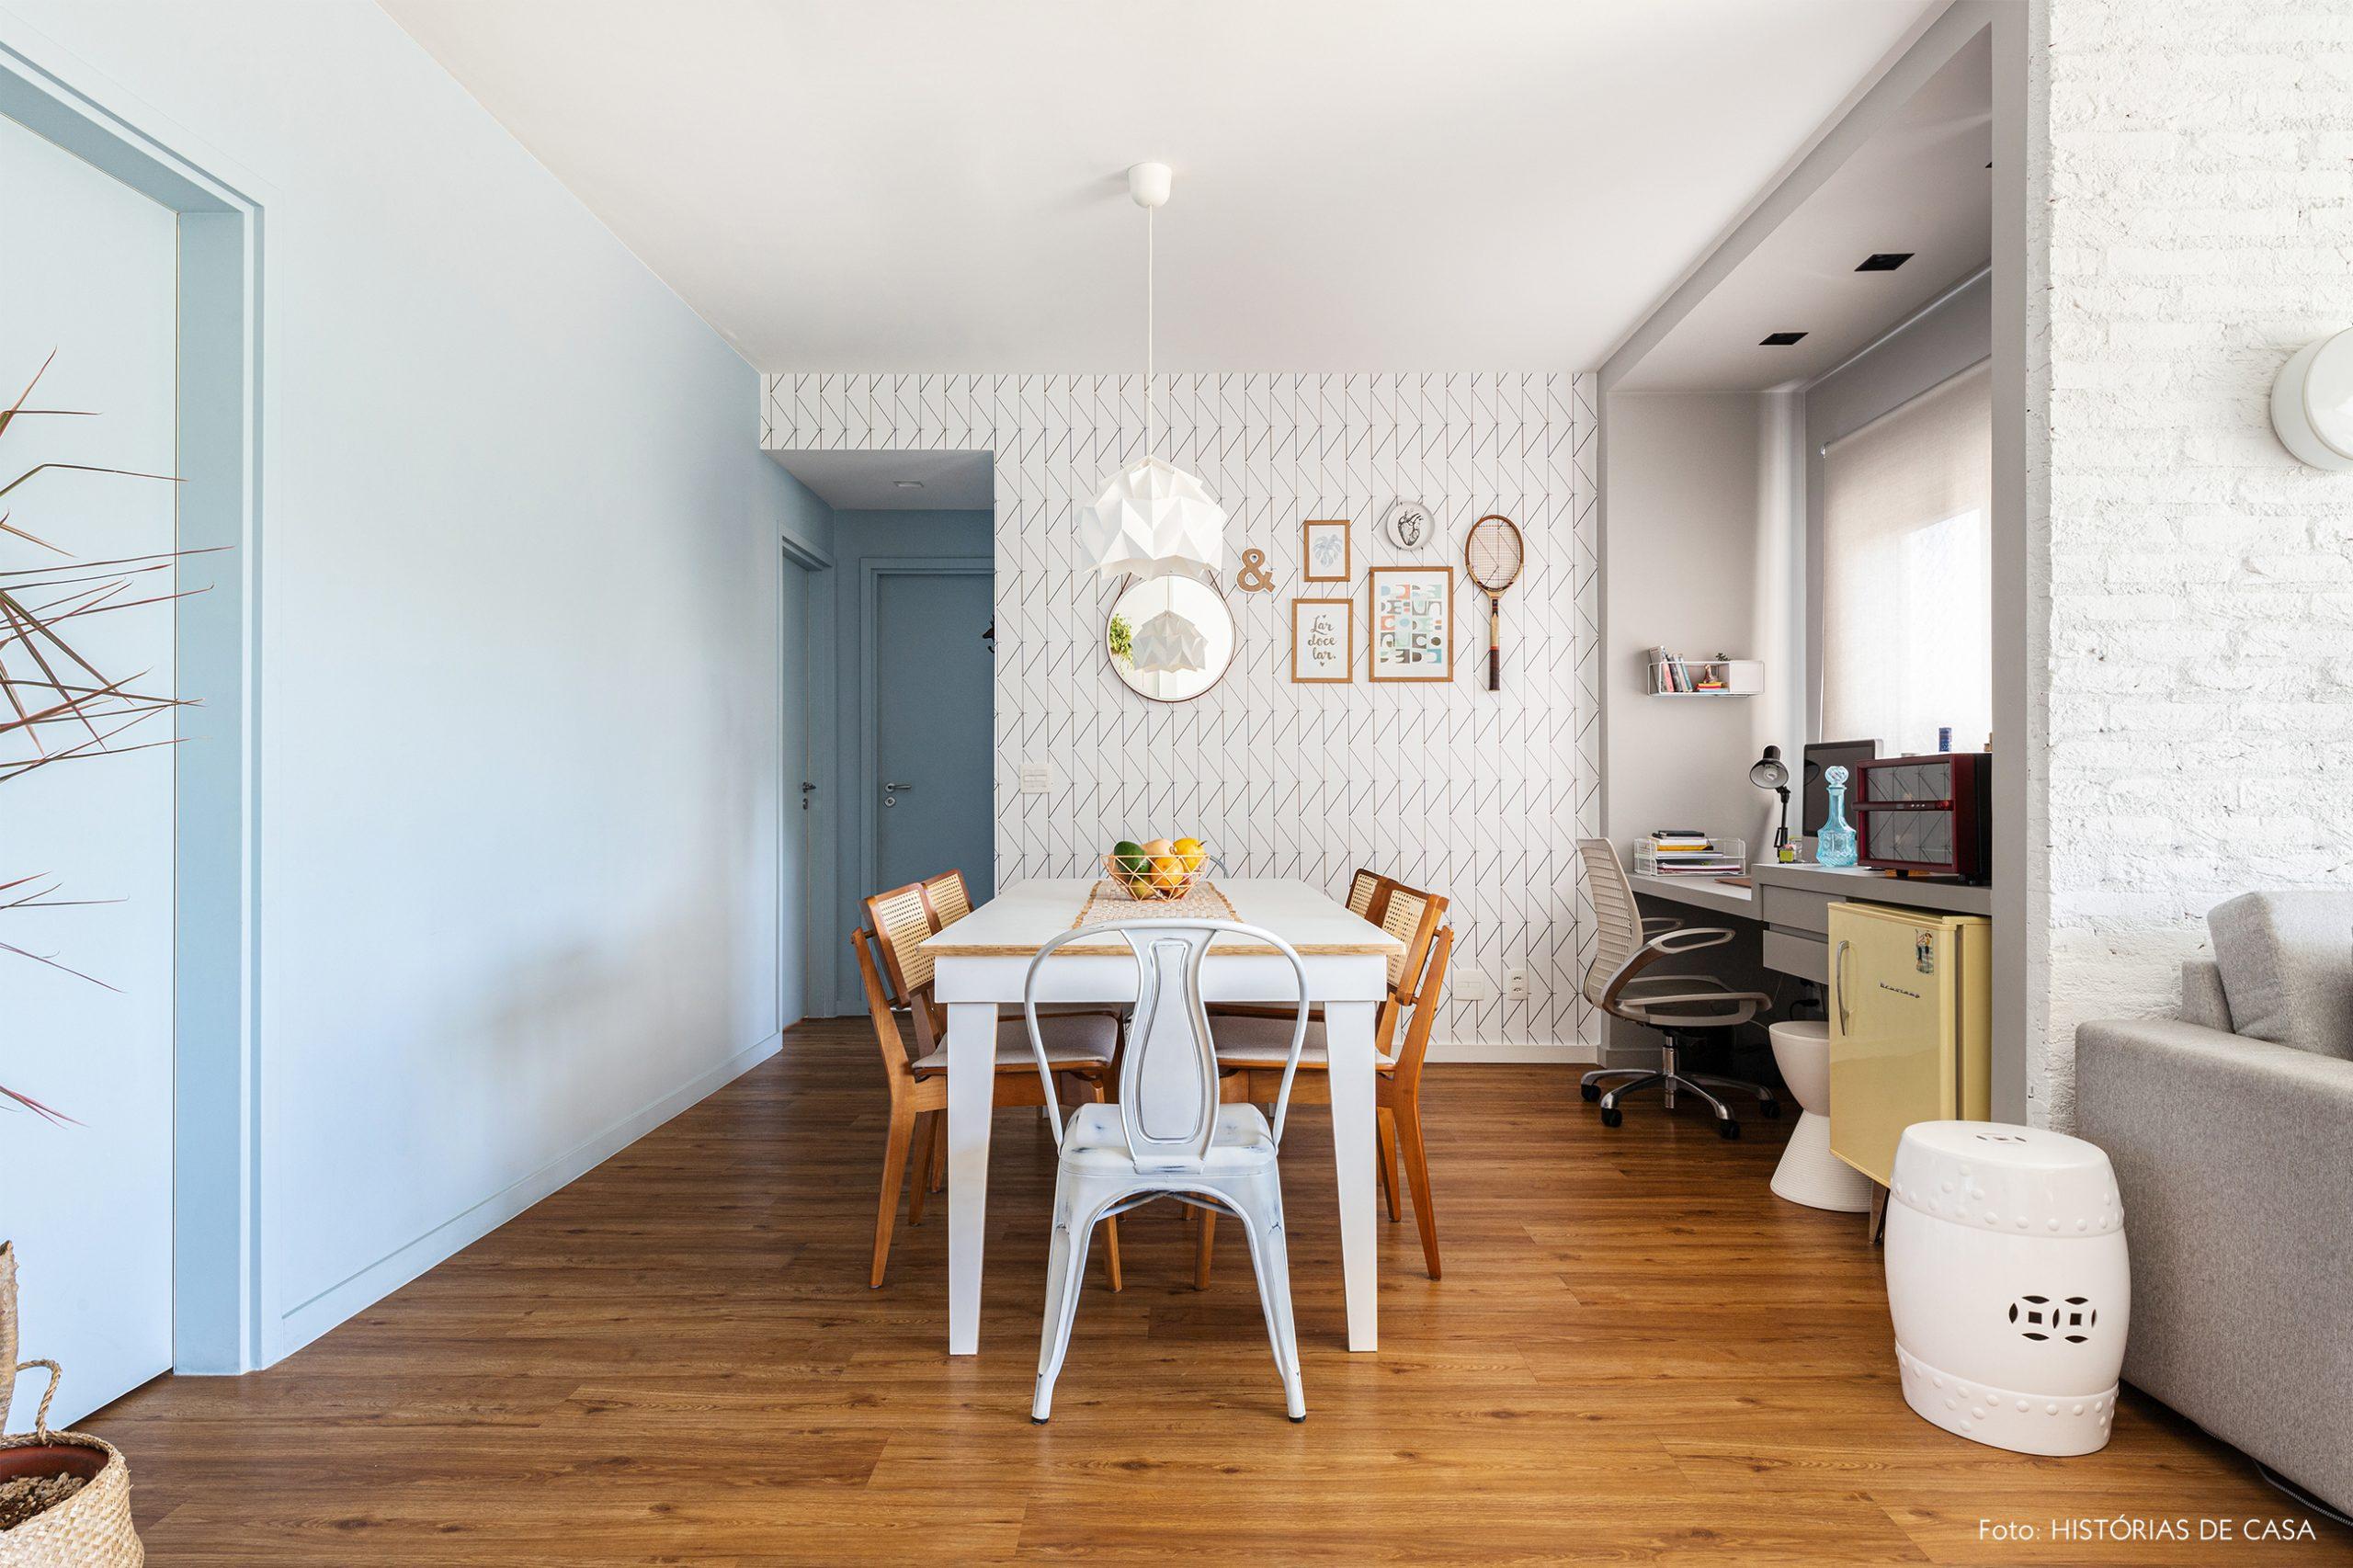 decoração sala jantar com papel de parede geométrico e cadeira de palhinha